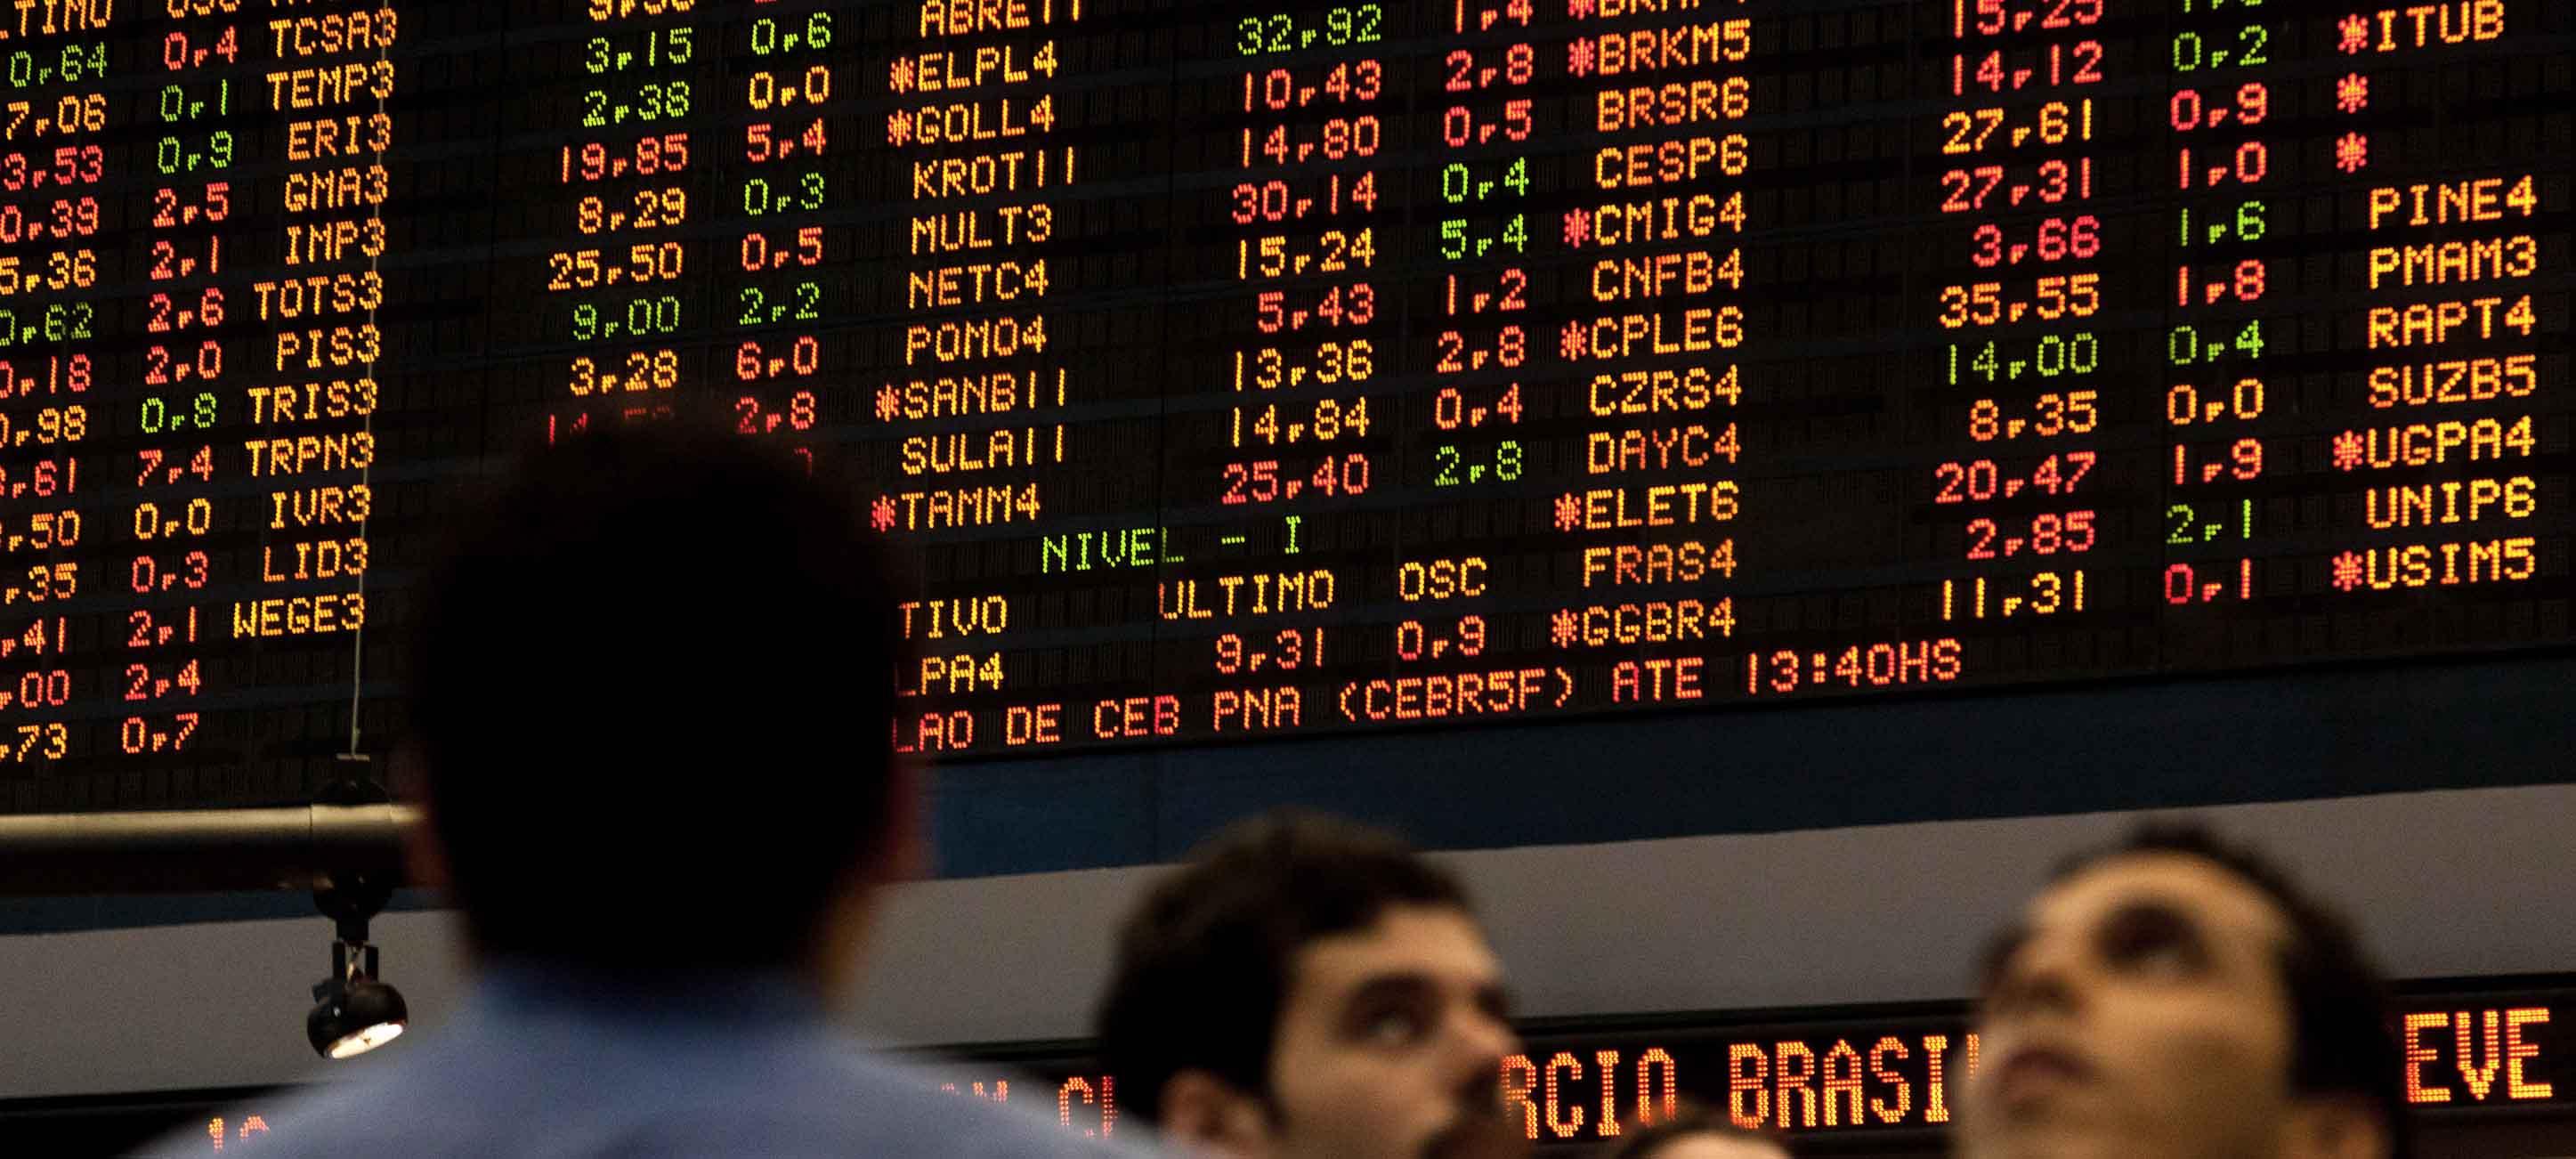 b6fe83c9f1 La situazione di crisi dell'economia italiana e dei mercati europei ci  porta sicuramente ad ascoltare con più attenzione i movimenti di Borsa.